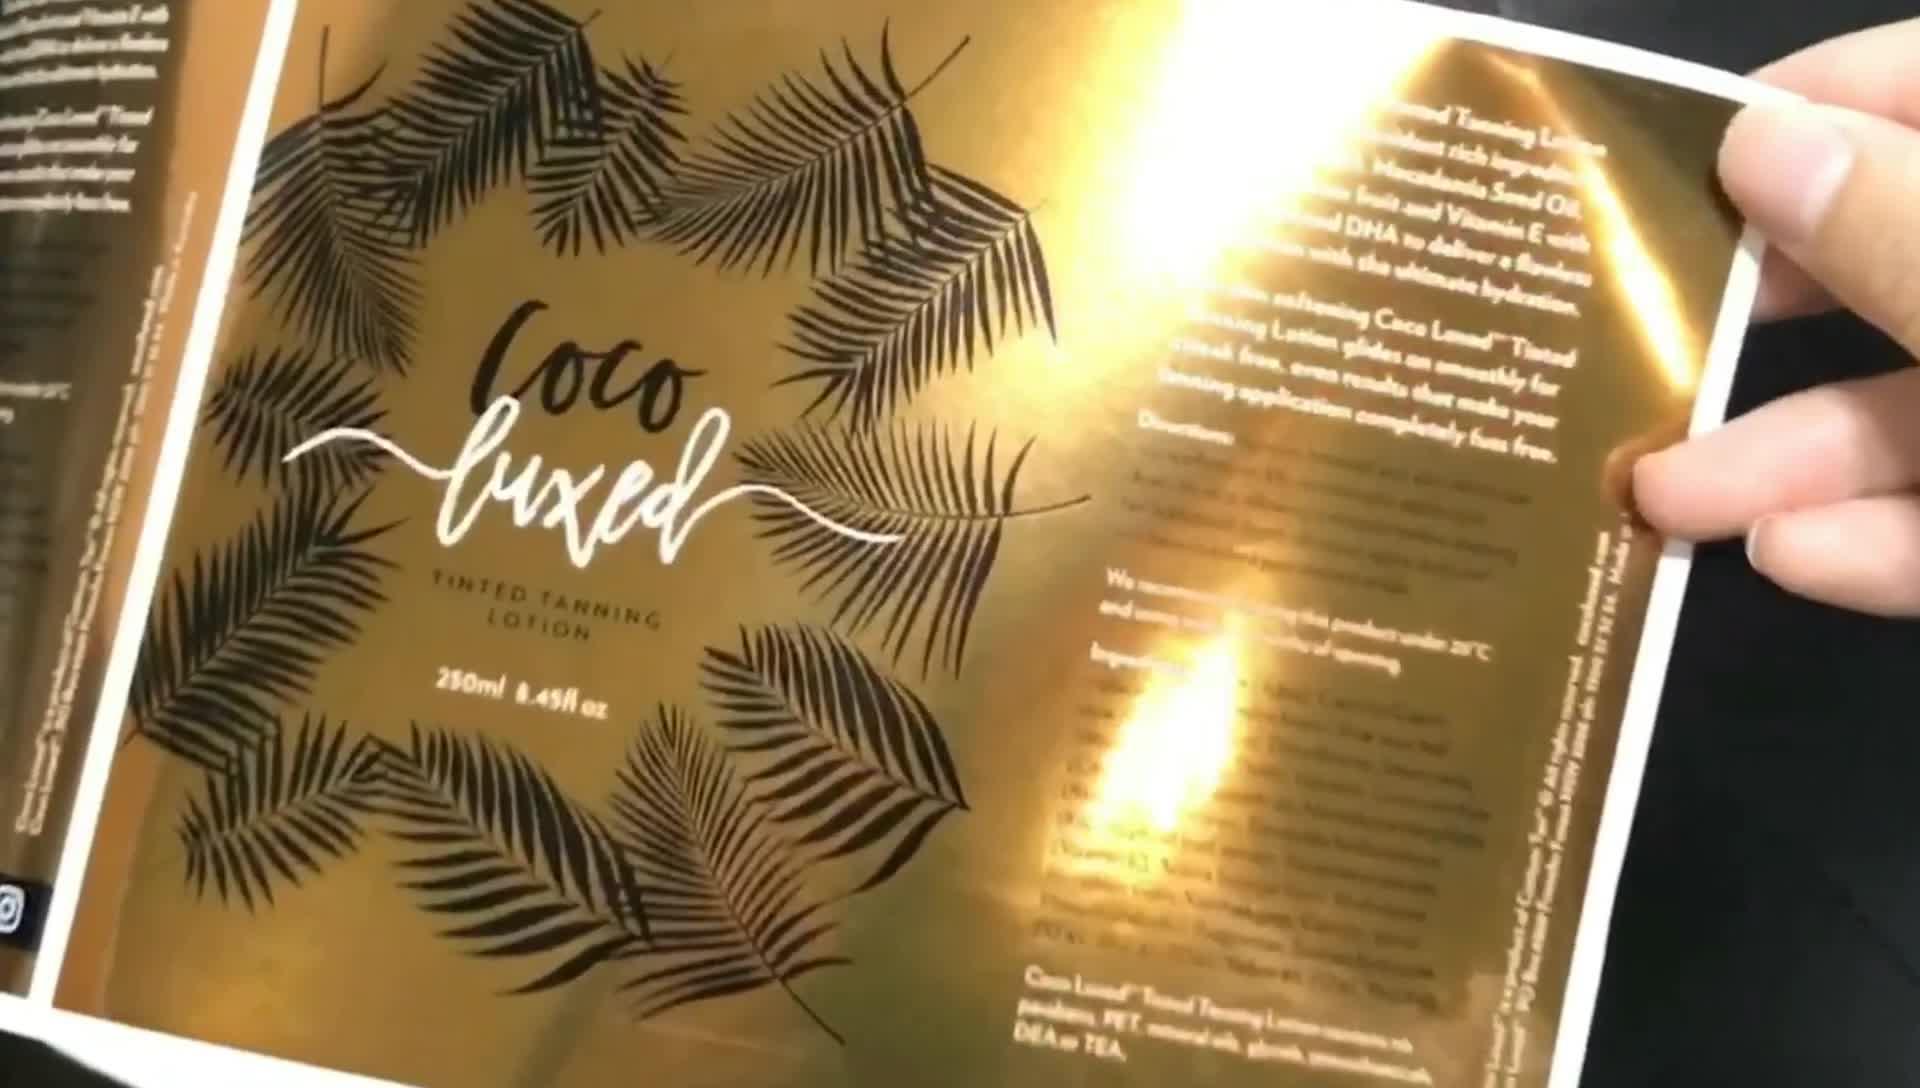 Auto Adesivo Impressão Personalizada Embalagem Private Label Cosméticos À Prova D' Água Óleo Óleo Essencial de Cuidados Da Pele Óleo de Argan Private Label